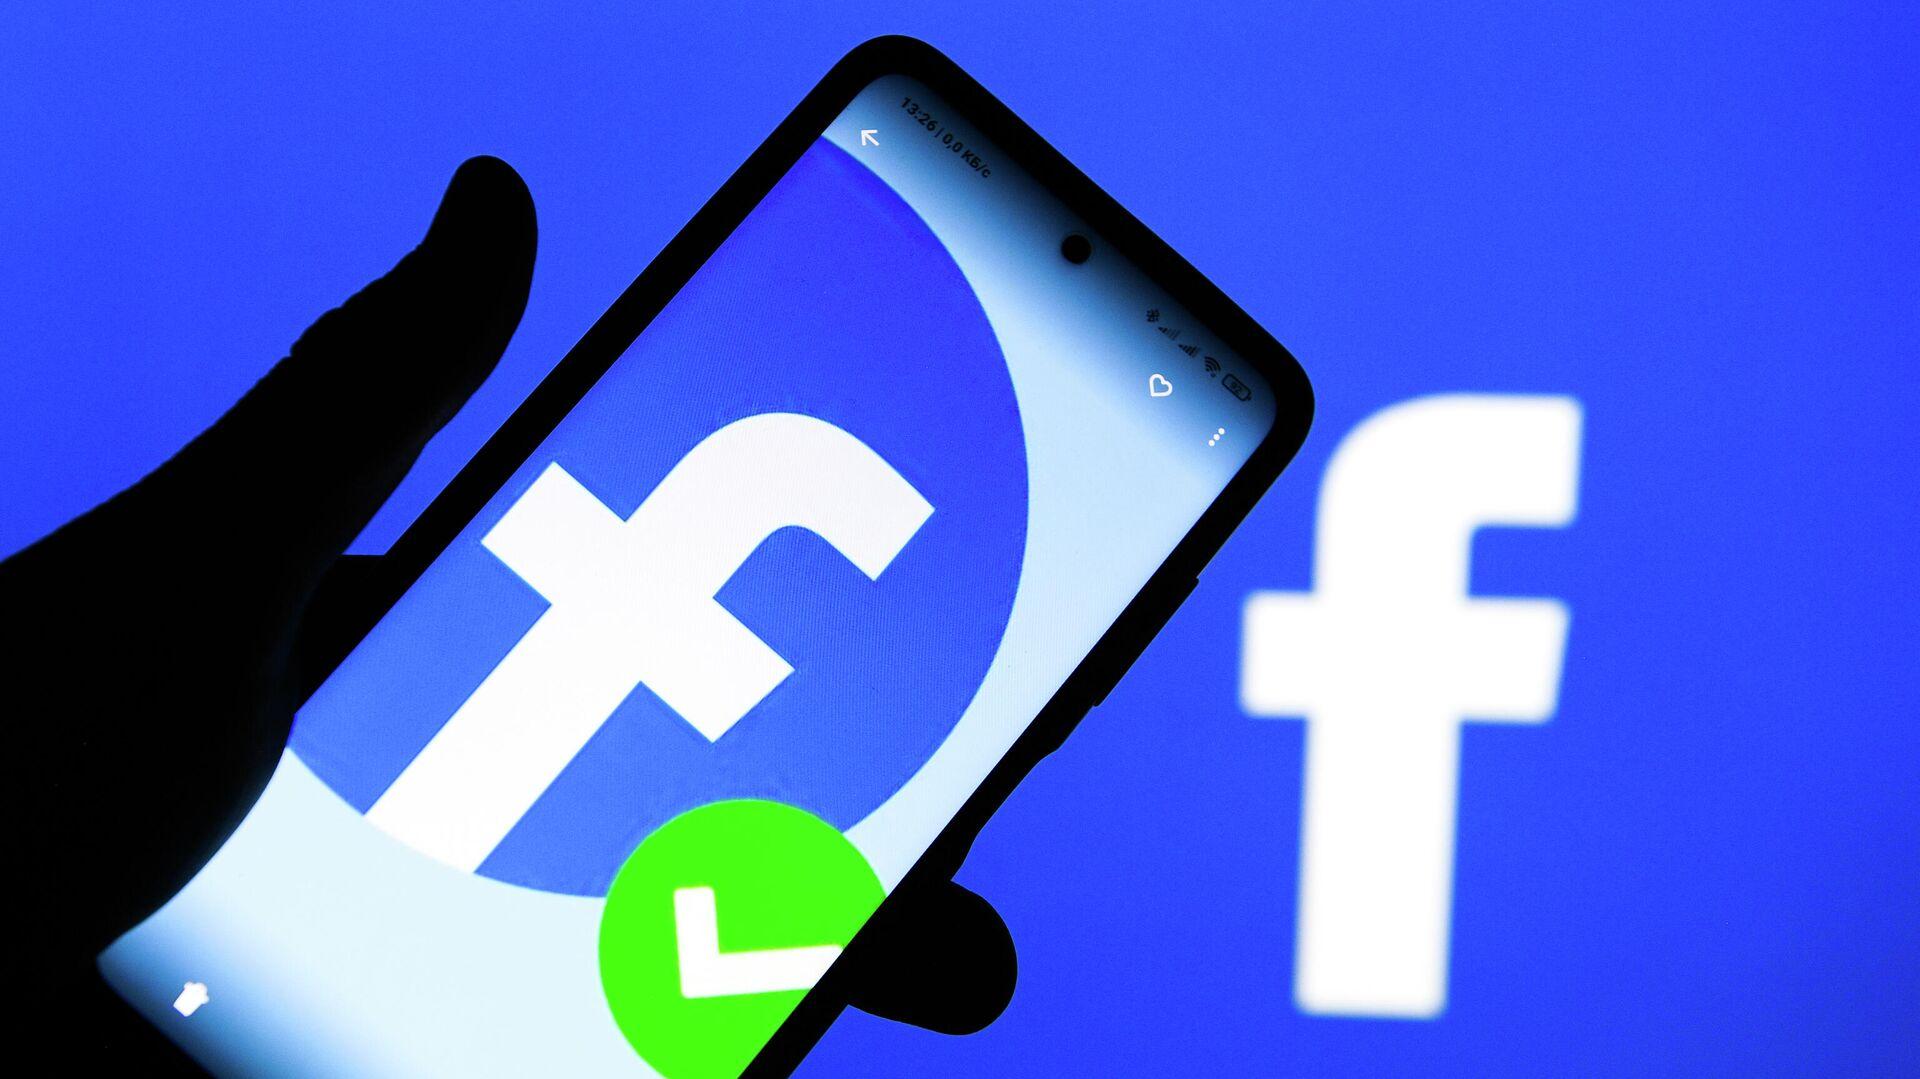 Приложение социальной сети Facebook в мобильном телефоне - РИА Новости, 1920, 07.03.2021